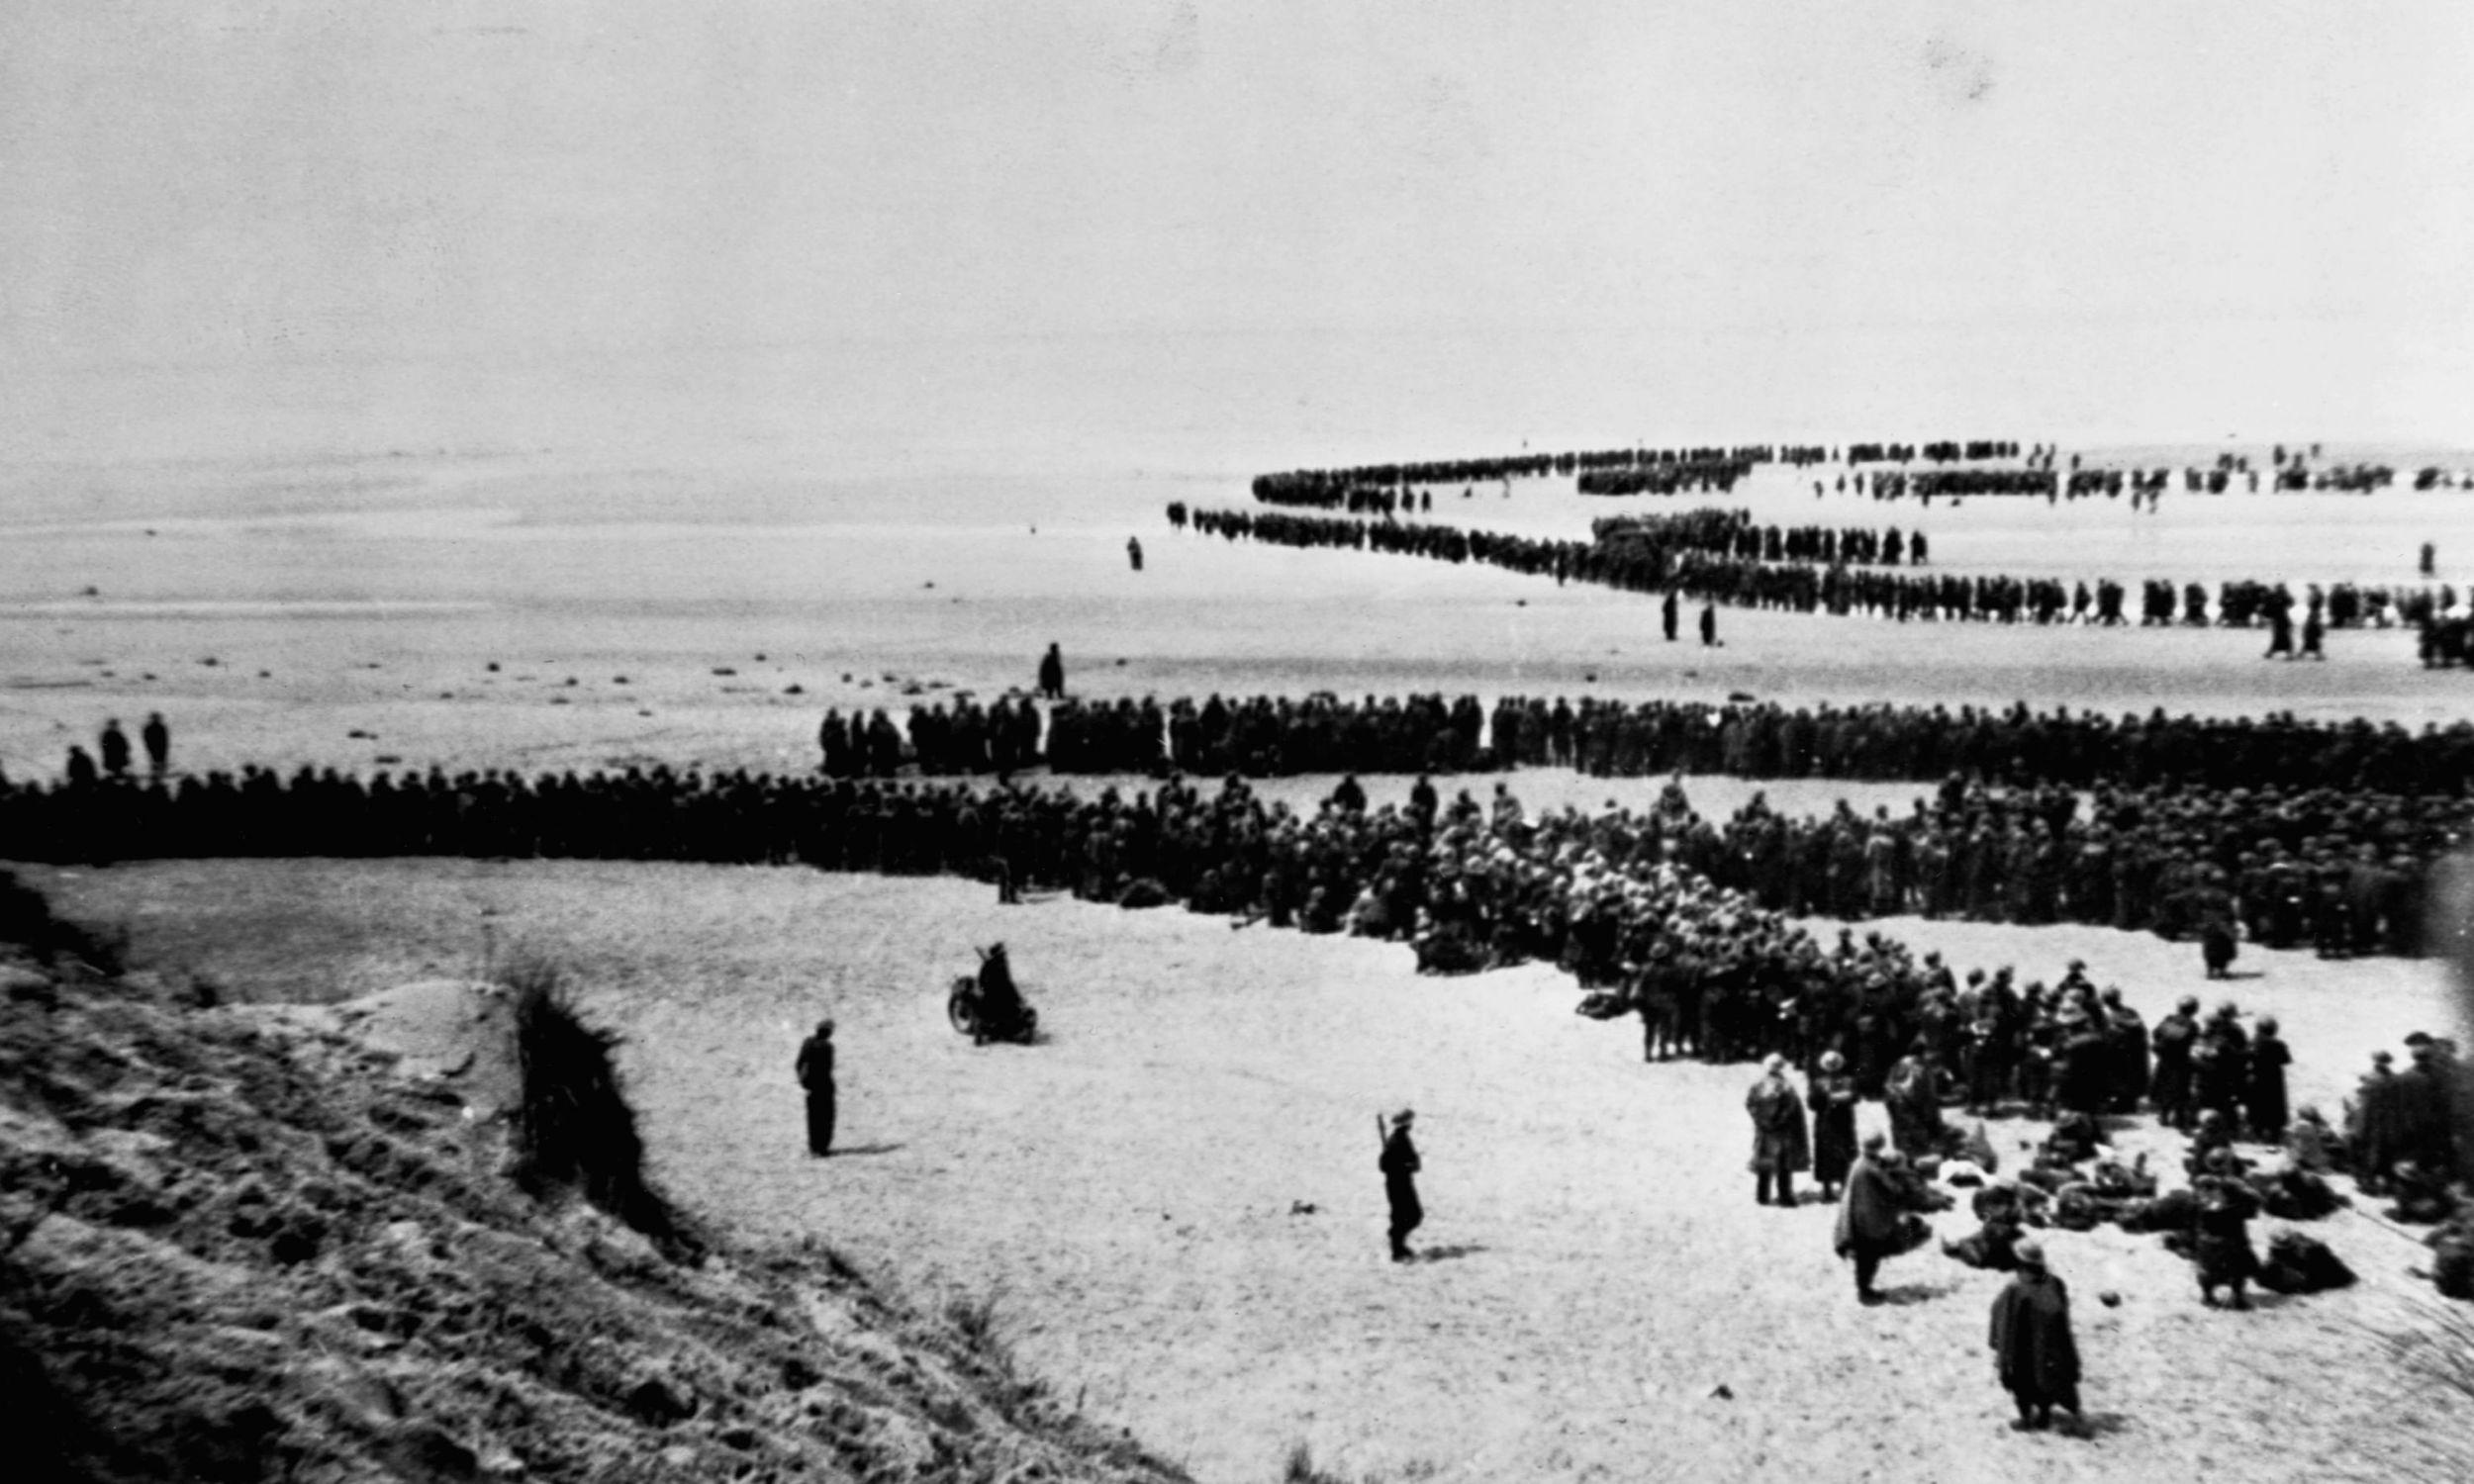 Maj 1940. Oddziały brytyjskie czekają na powrót do domu. Fot. © CORBIS/Corbis via Getty Images